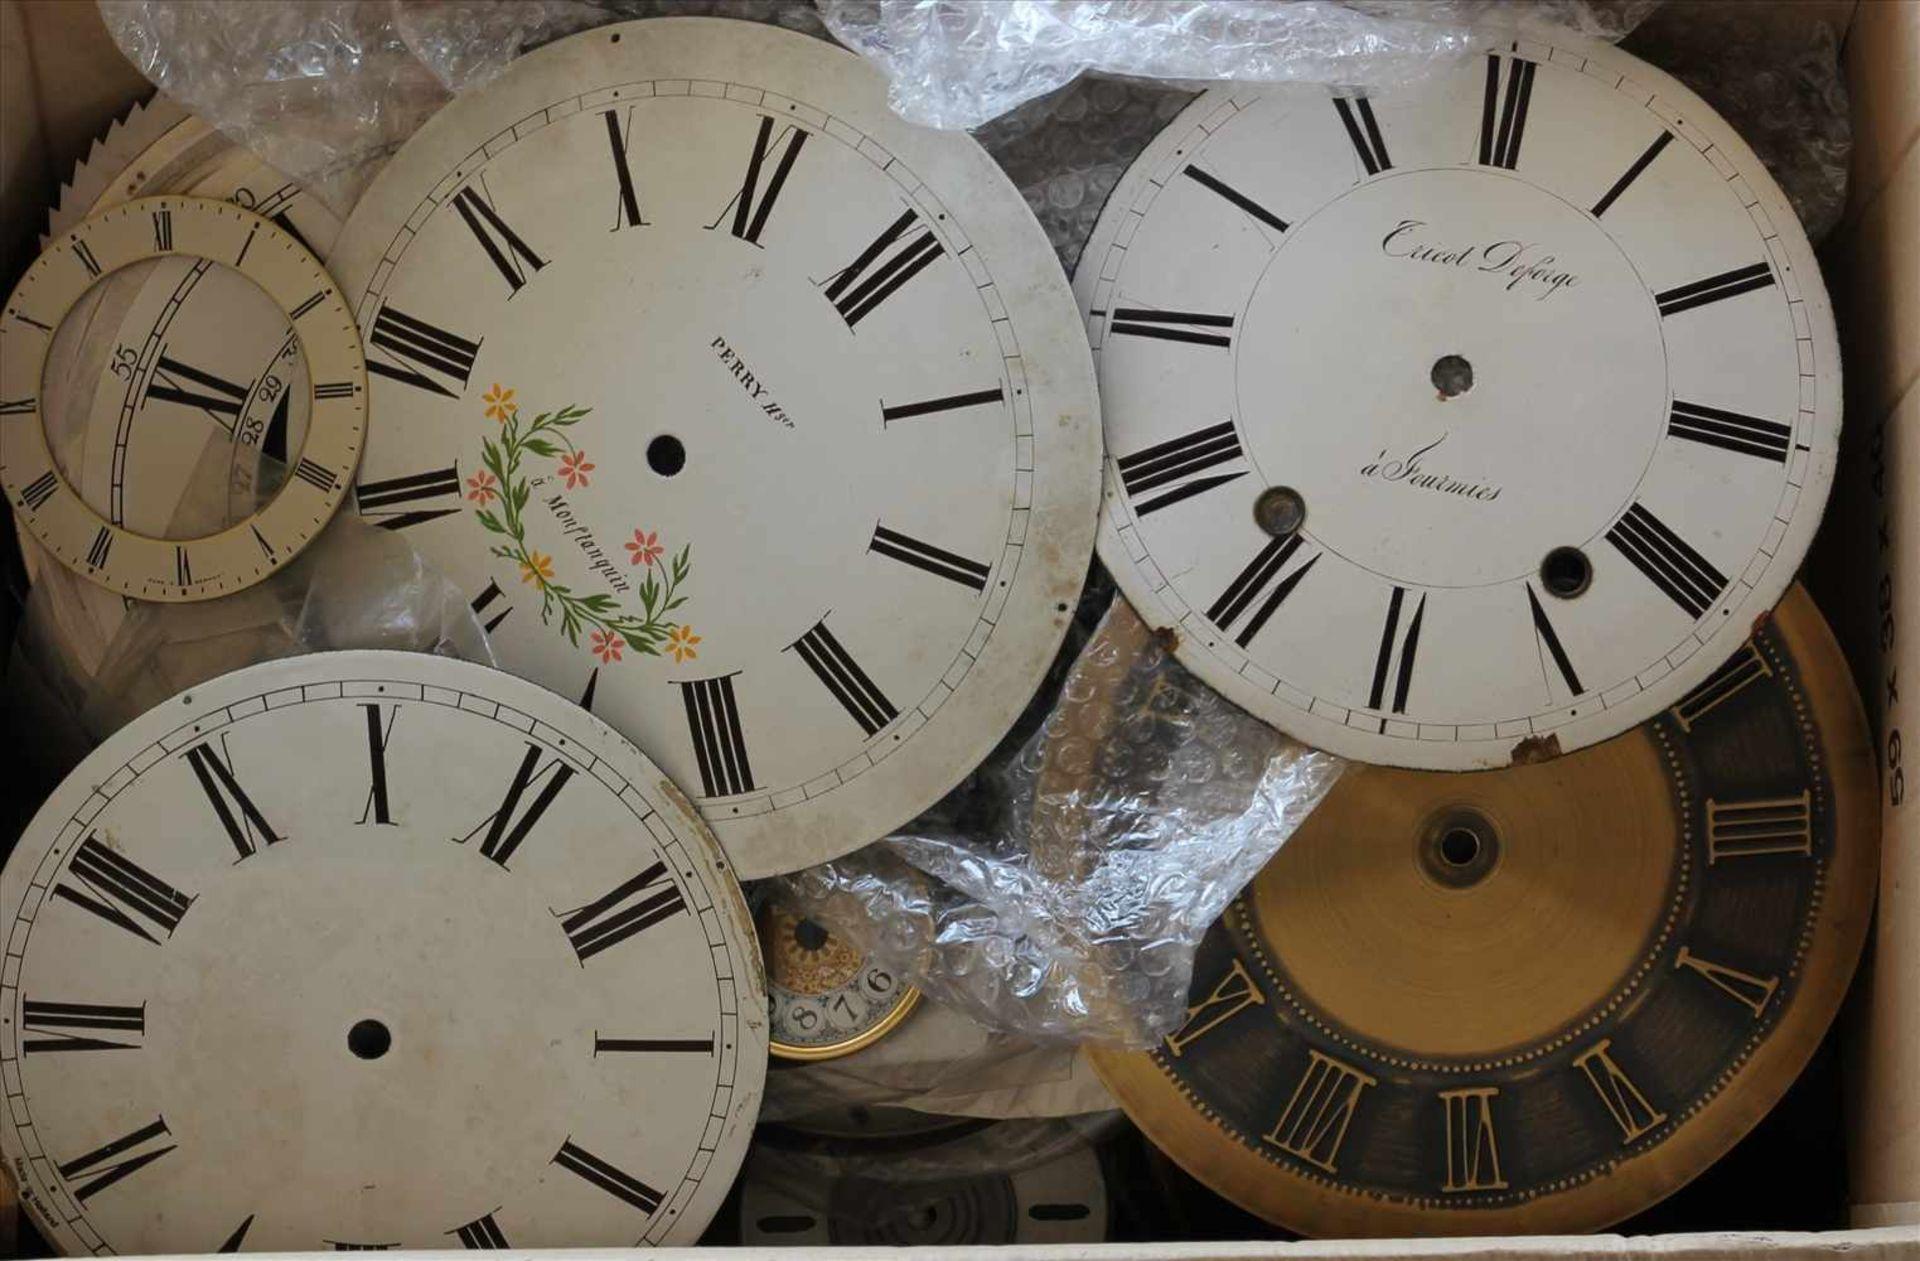 Los 10 - Konvolut UhrenteileZiffernkreise, teils 19. Jh. etc. Zustand wie abgebildet. Bitte selbst